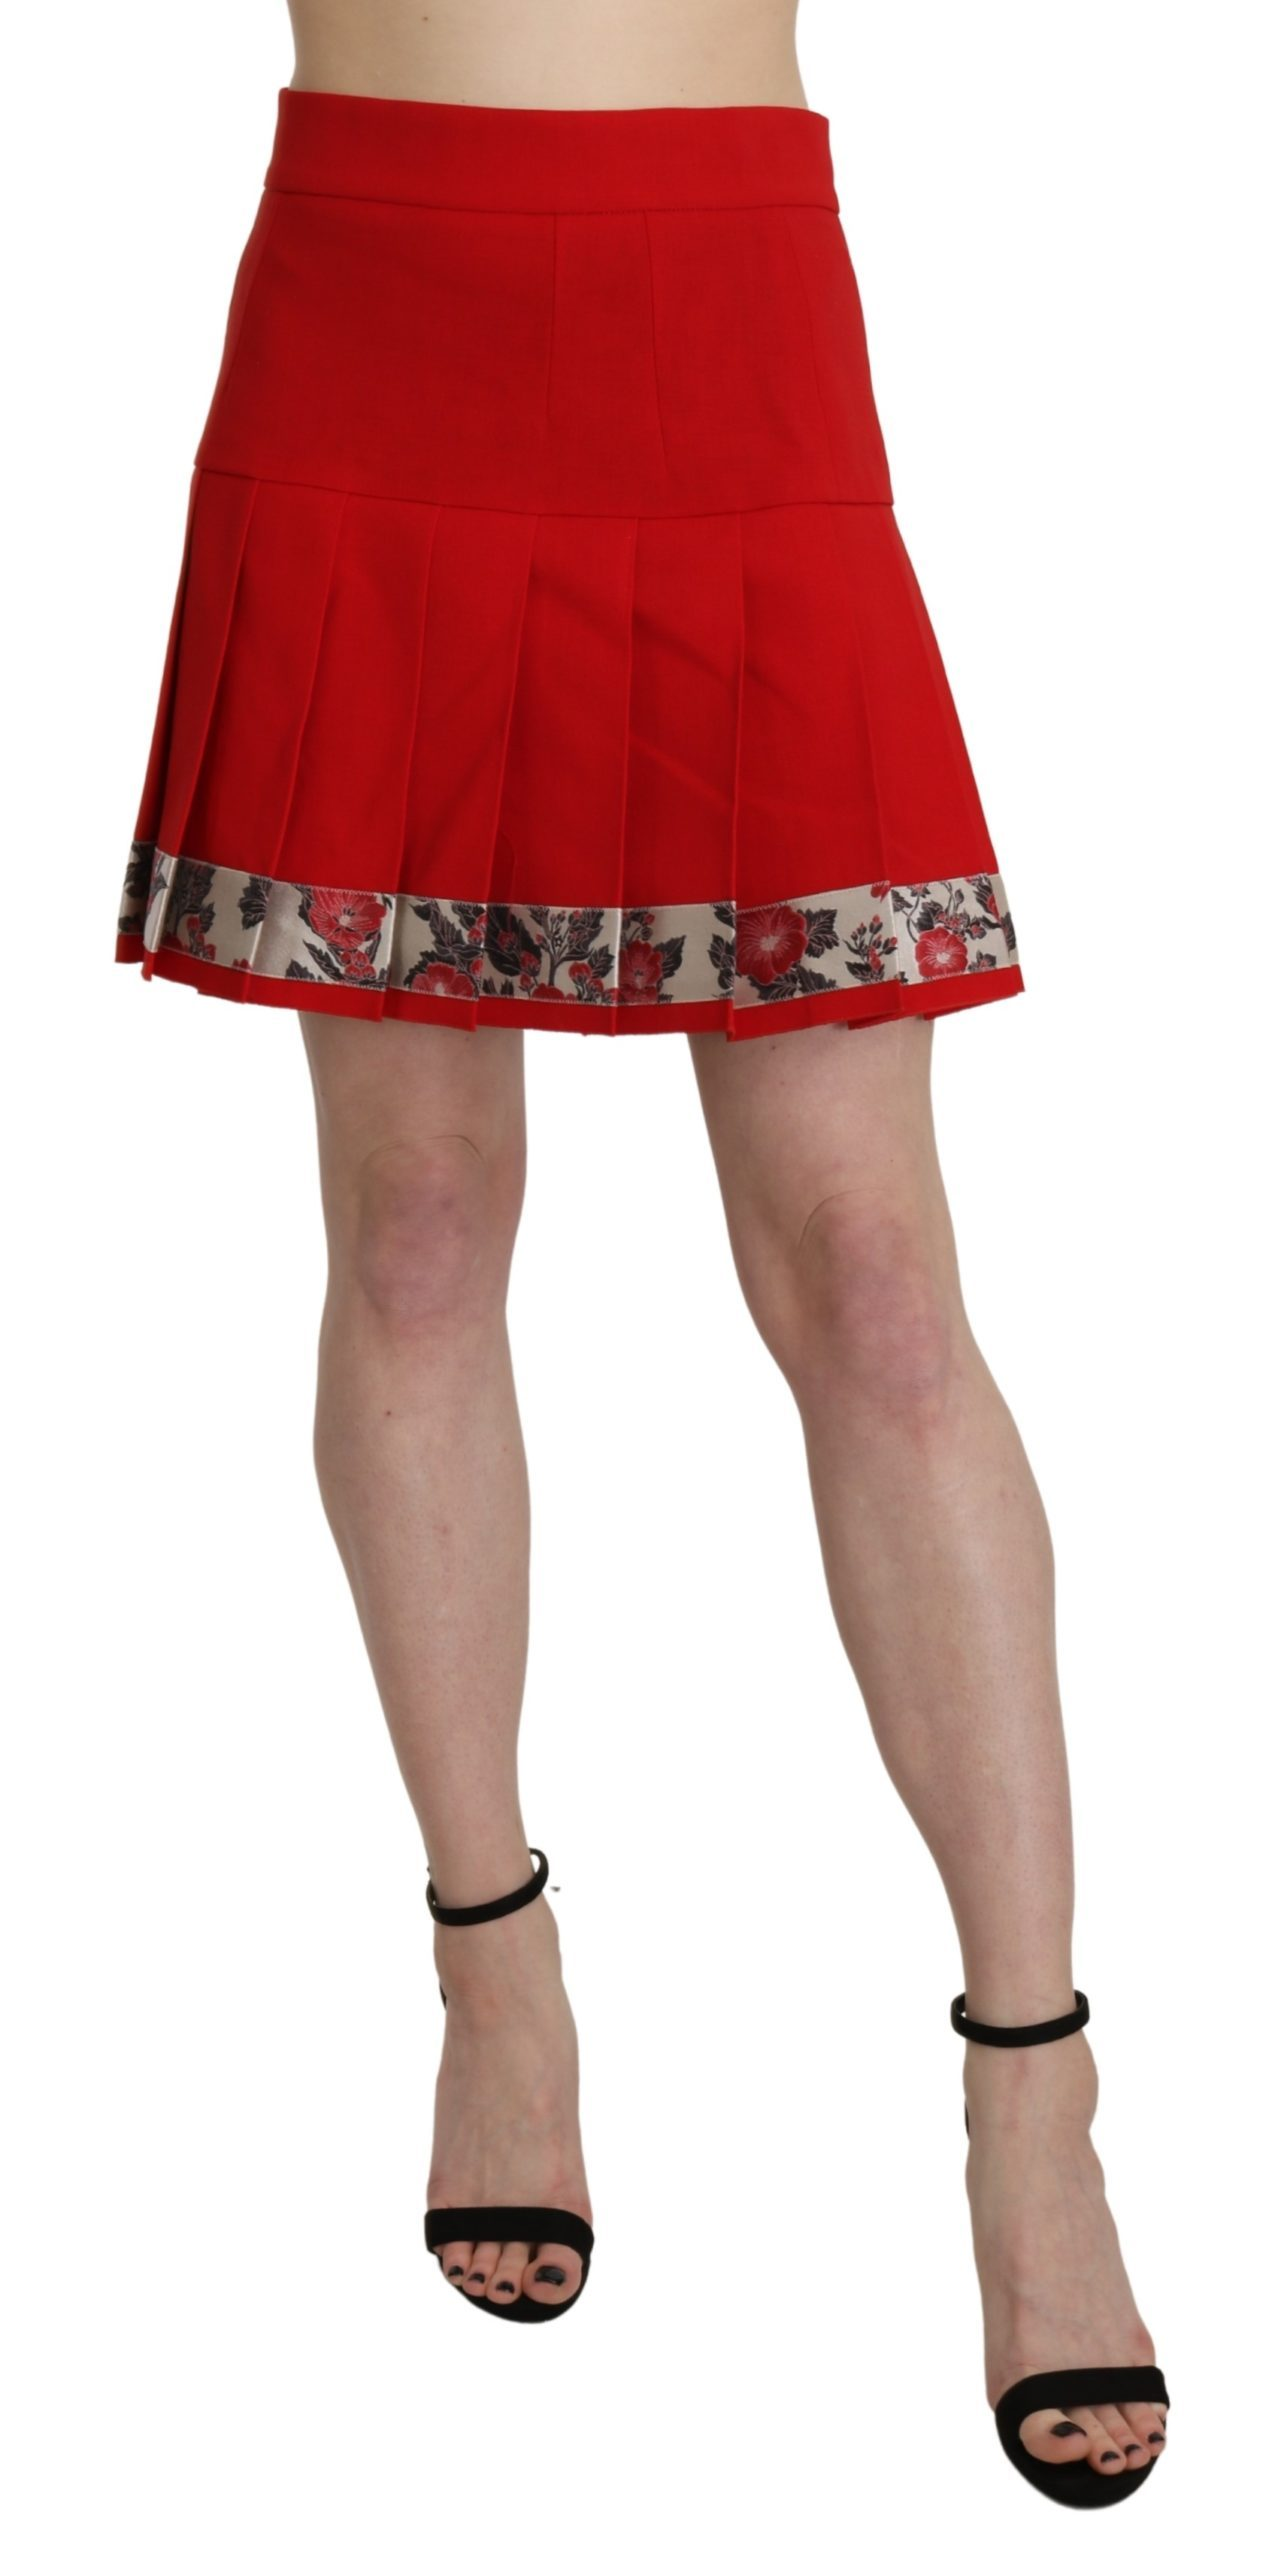 Red High Waist Wool Short Floral Print Skirt - IT42|M